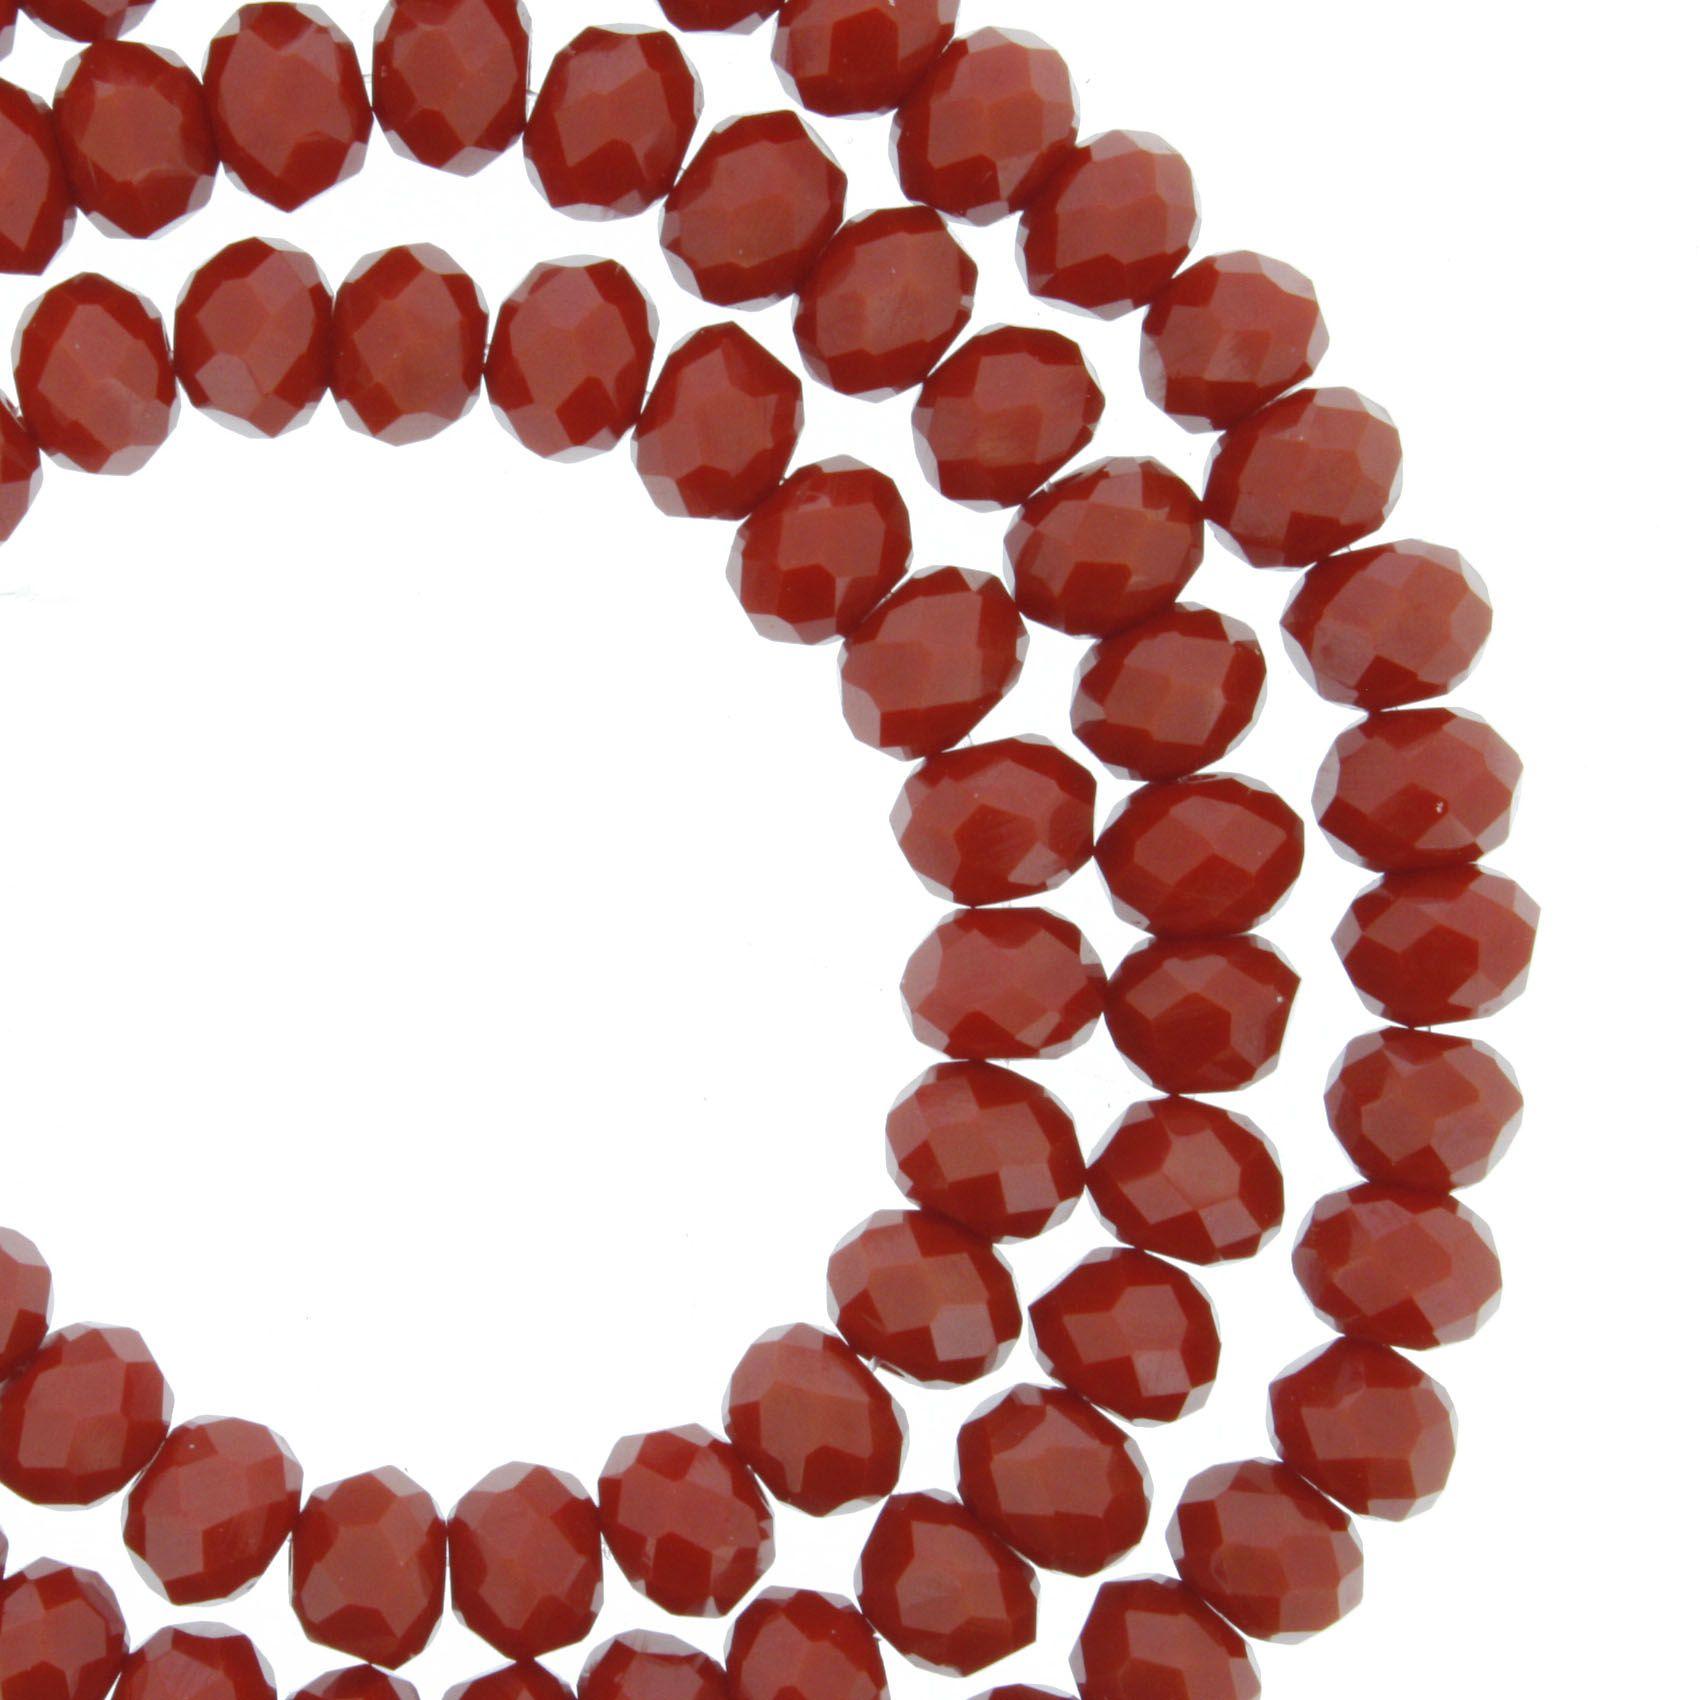 Fio de Cristal - Flat® - Vermelho Escuro - 6mm  - Stéphanie Bijoux® - Peças para Bijuterias e Artesanato